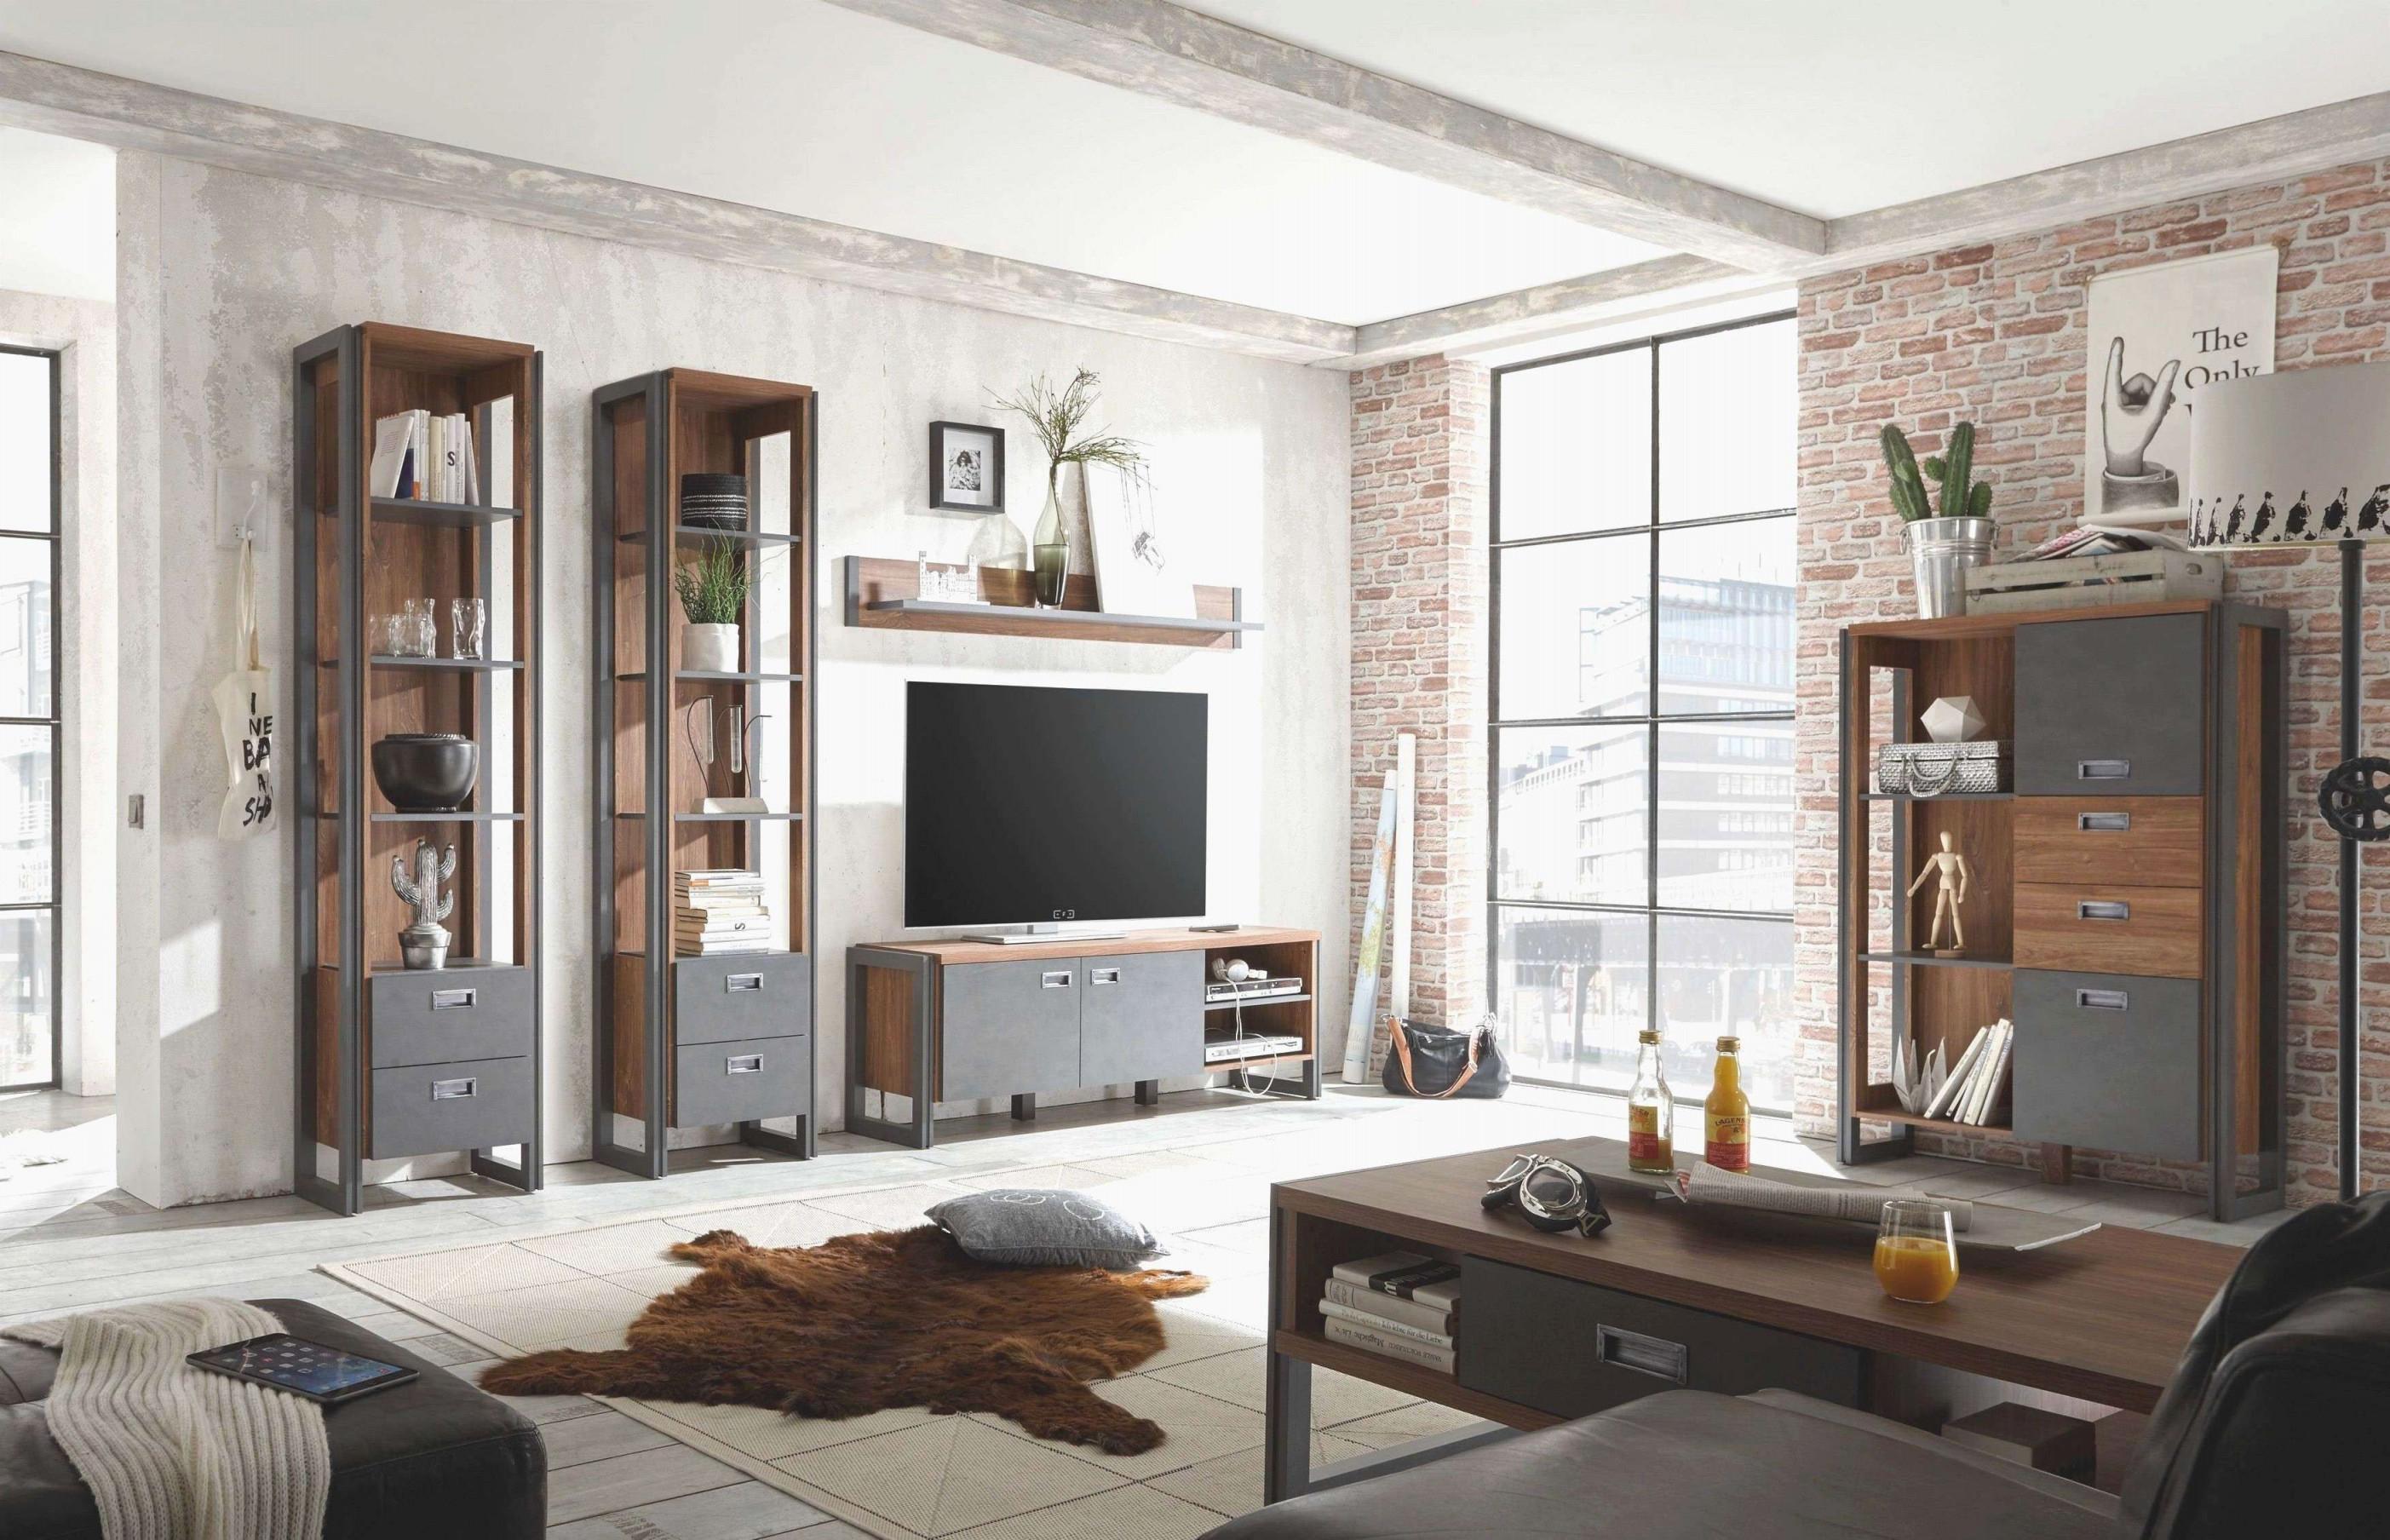 Wohnzimmer Ideen Wandgestaltung Tapete Innereskind von Ideen Wohnzimmer Gestalten Bild